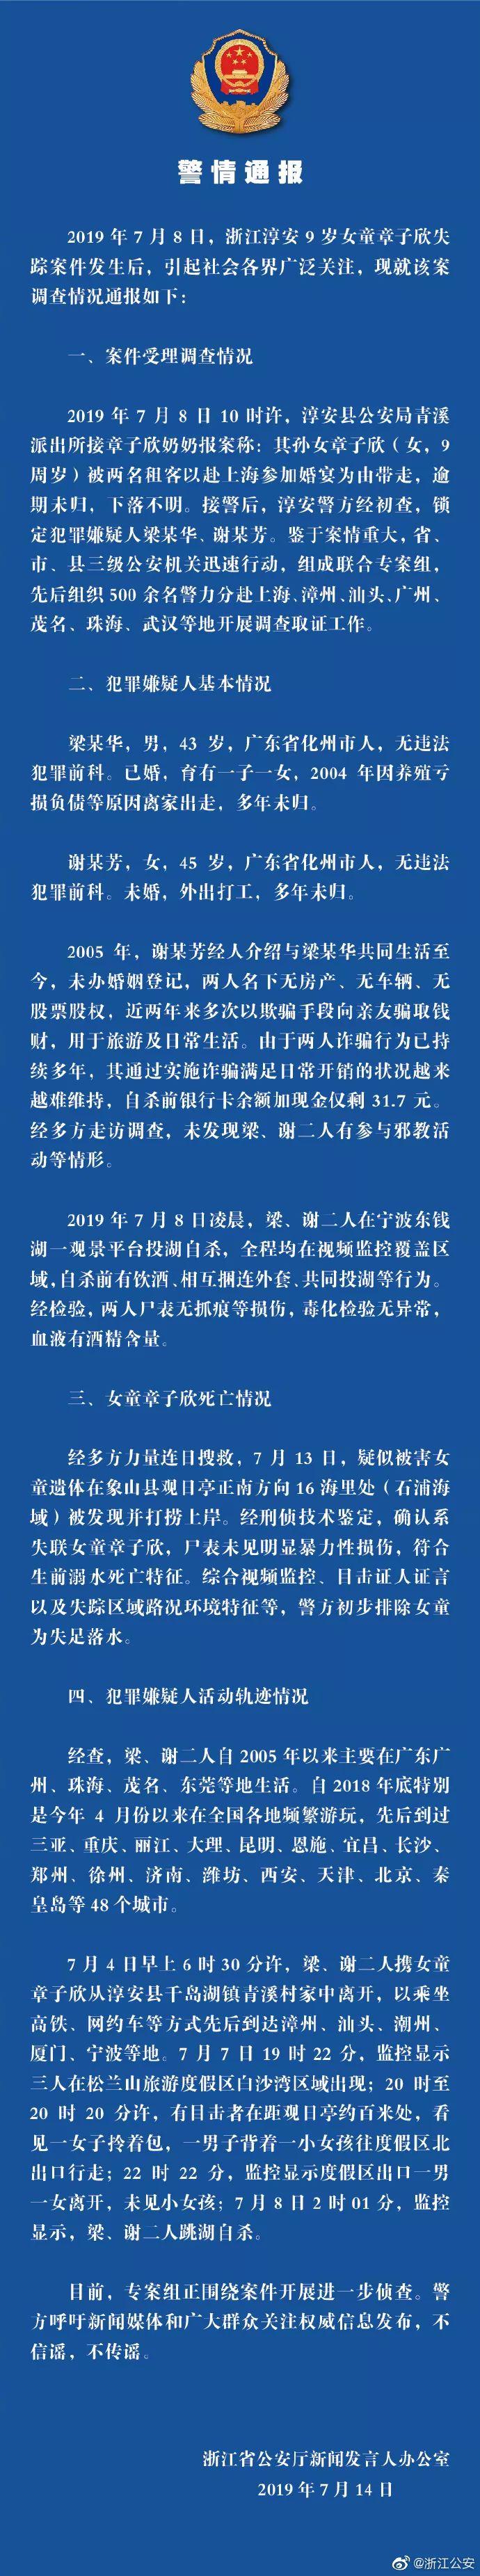 警方通报淳安失踪女童案调查情况